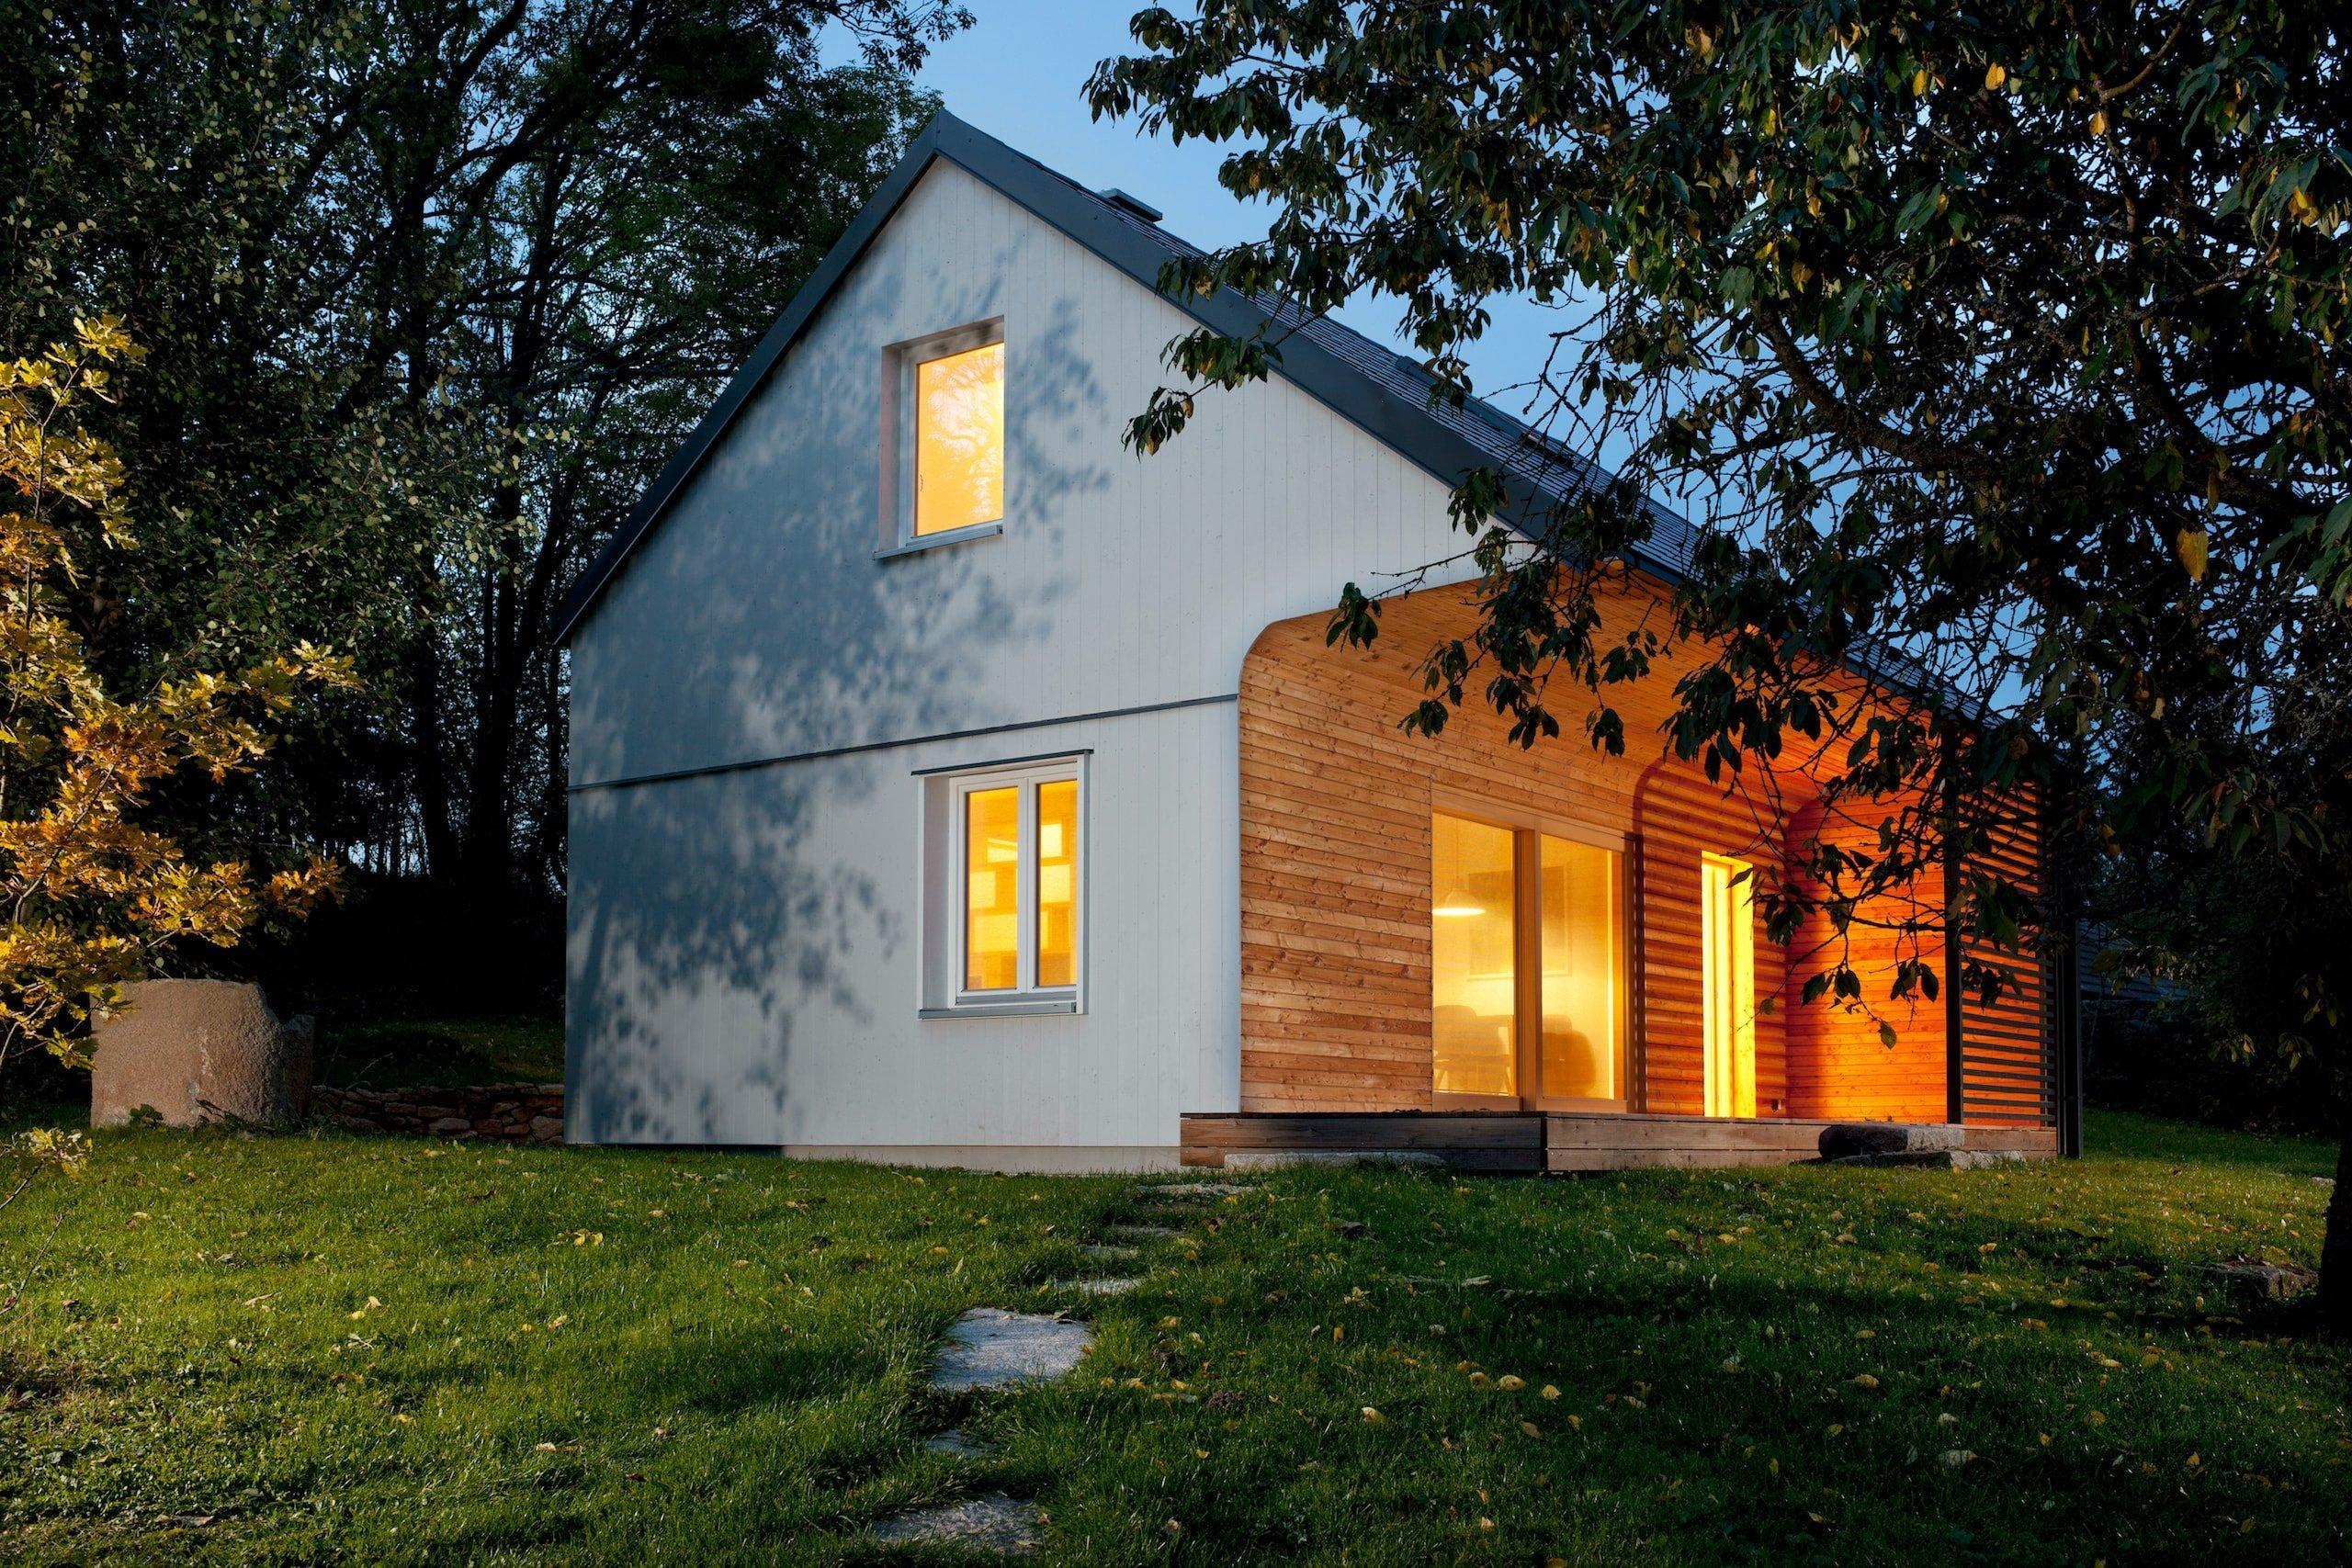 Nejen v zahraničí se rozmáhá trend cestování do přírody a úniku ze stresu větších měst. Stačí víkendový odpočinek v lůně krásné přírody a hned se cítíte jinak. Příjemnou chatu v přírodním prostředí České Kanady realizovali architekti ze studia majo architekti.